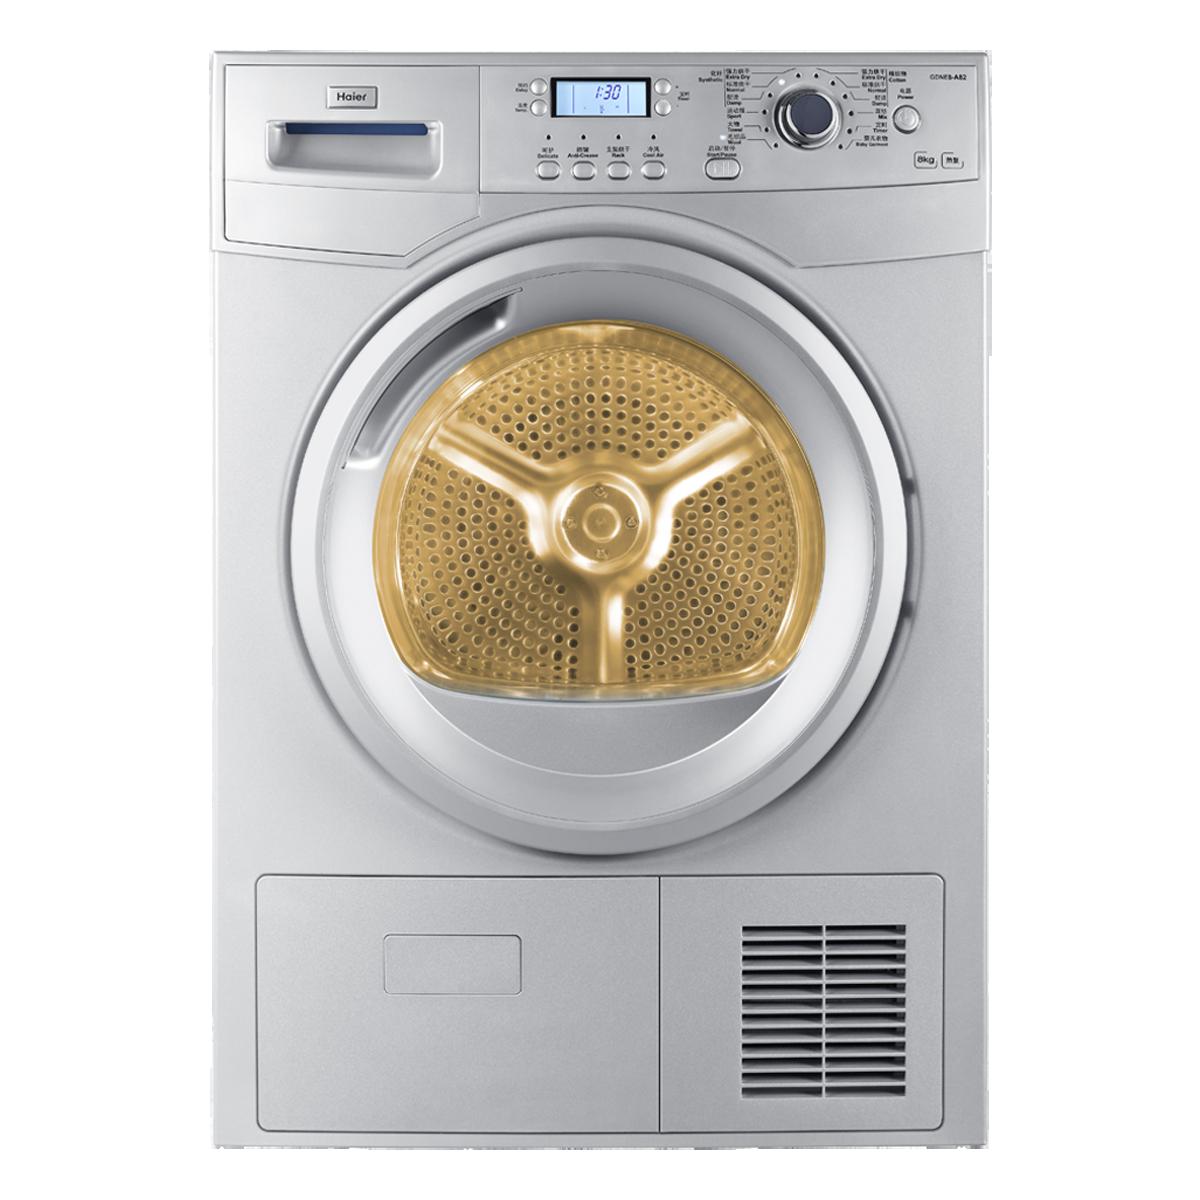 海尔Haier洗衣机 GDNE8-A82 说明书